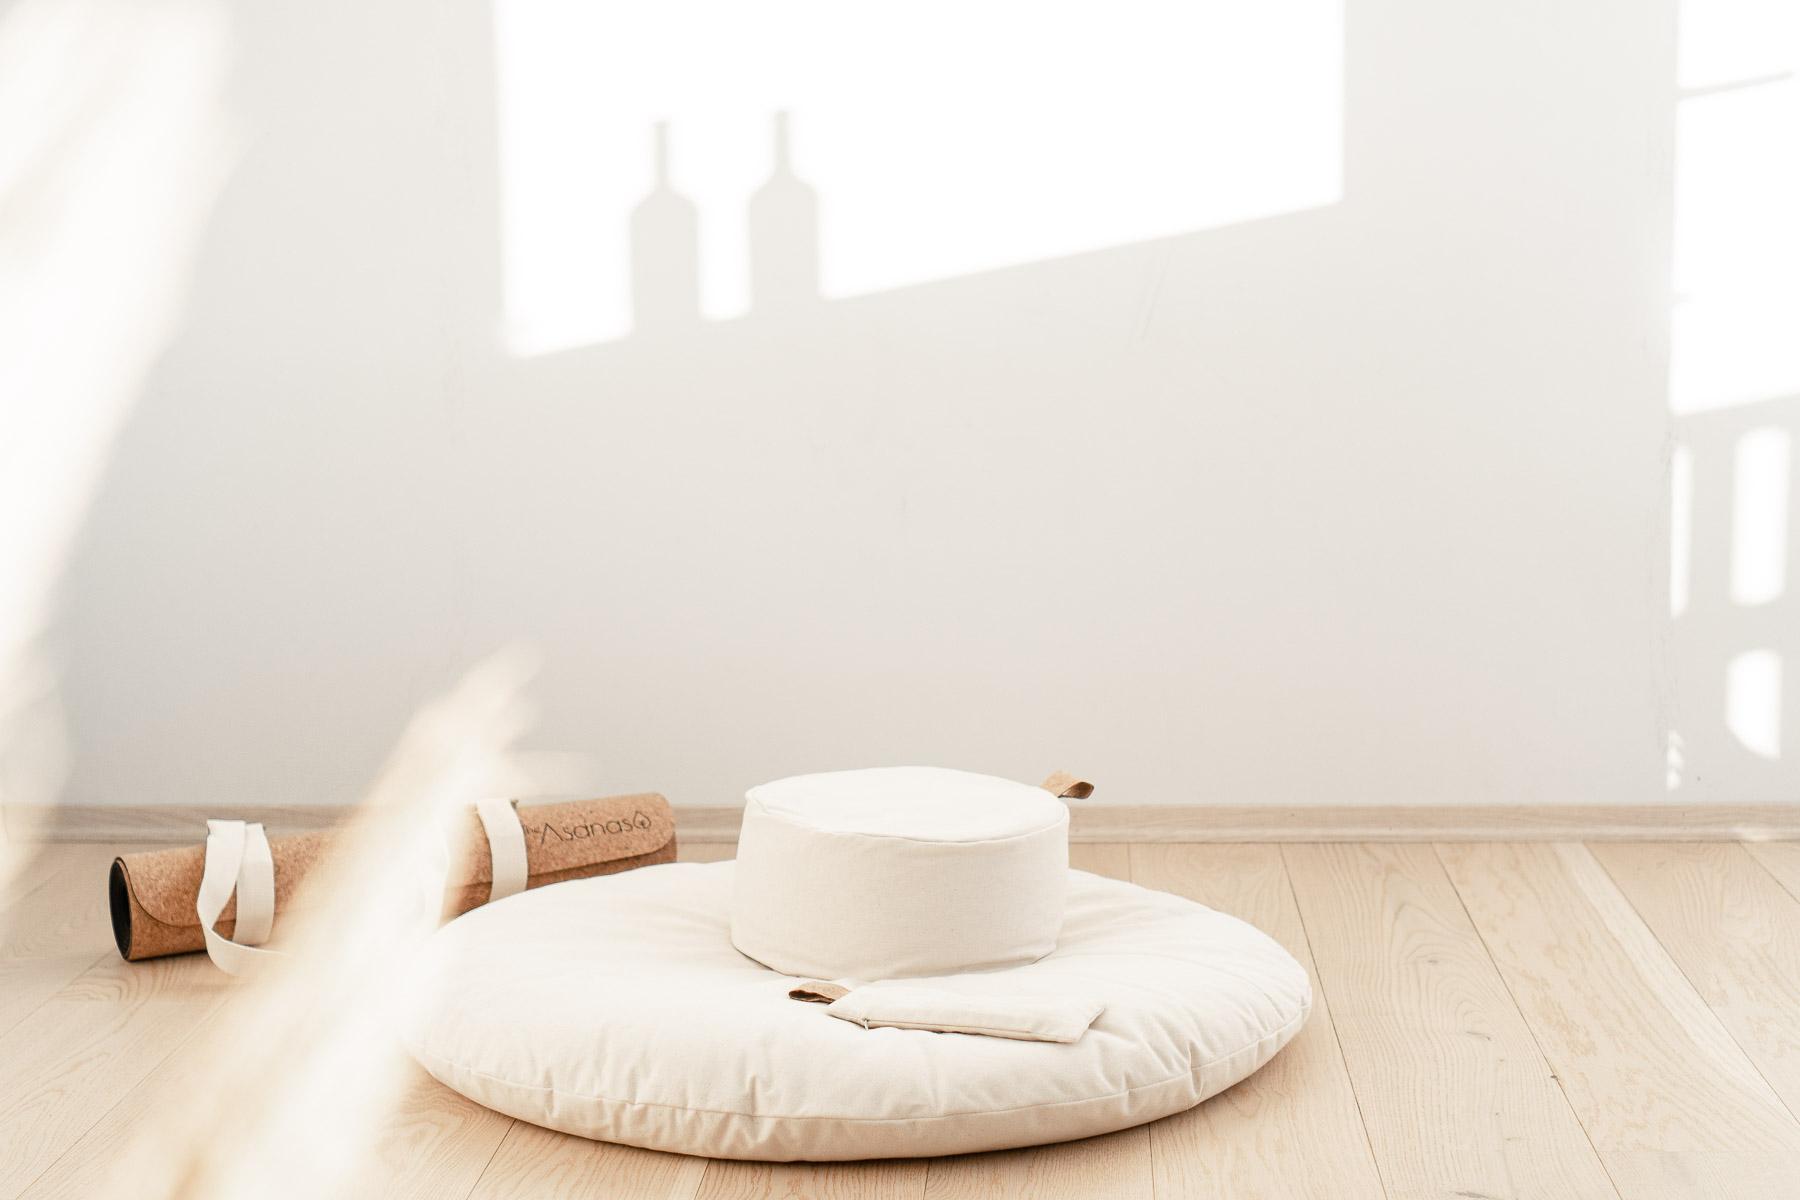 meditasjonsputer i økologisk bomull the asanas zafu zabuton sett øyepute rund yogapute meditasjonsmatte